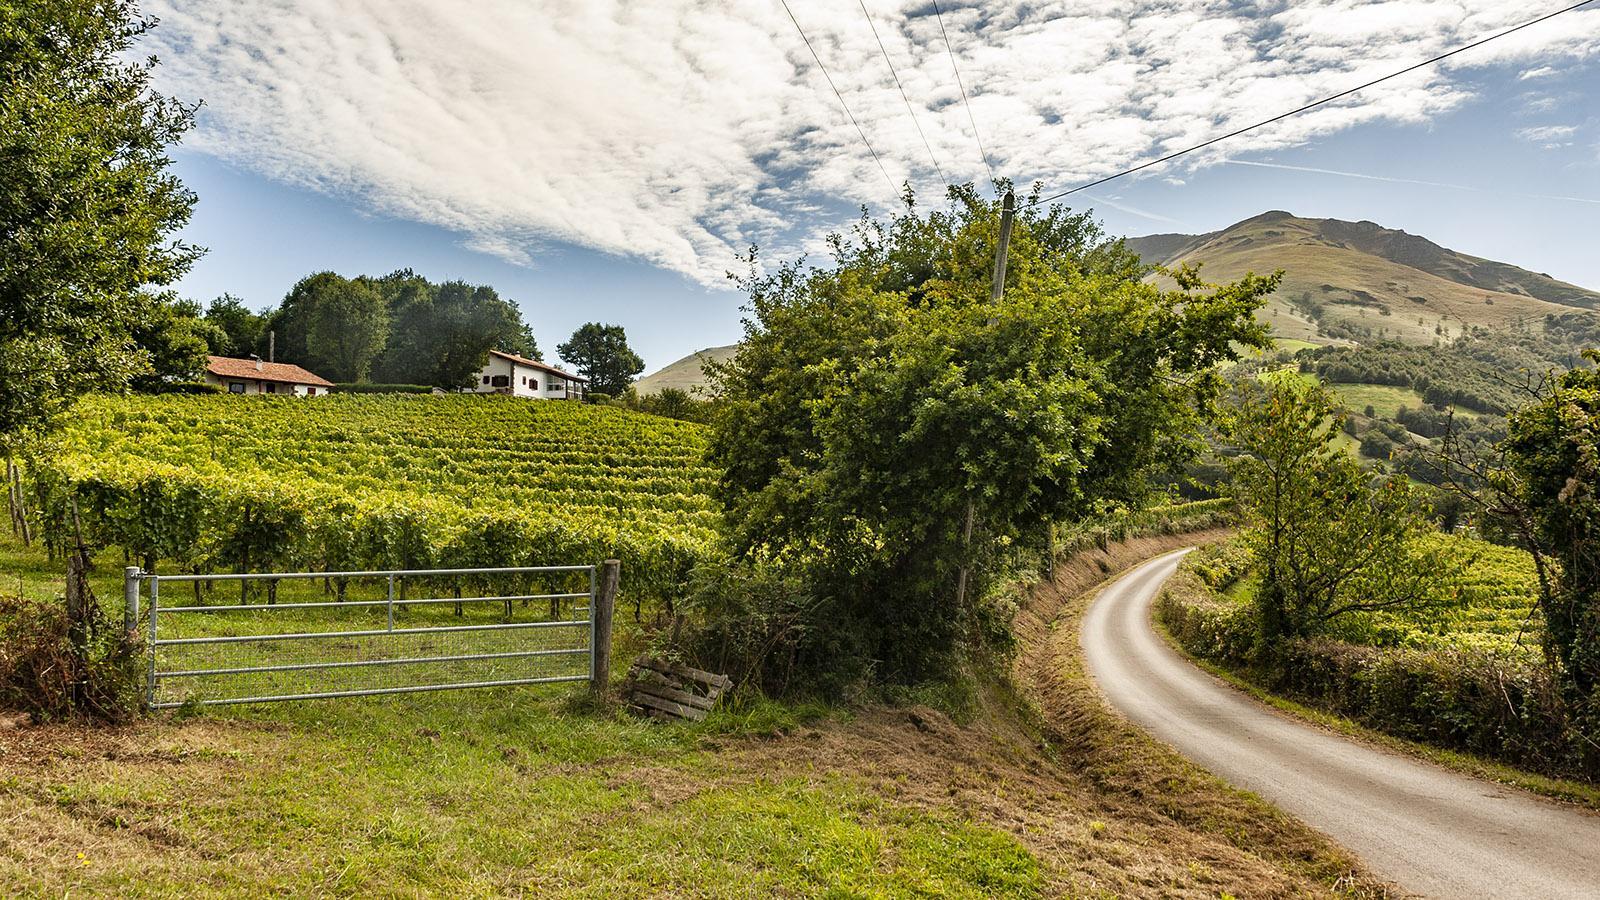 Irouléguy, kleinstes Weinbaugebiet Frankreichs. Foto: Hilke Maunder